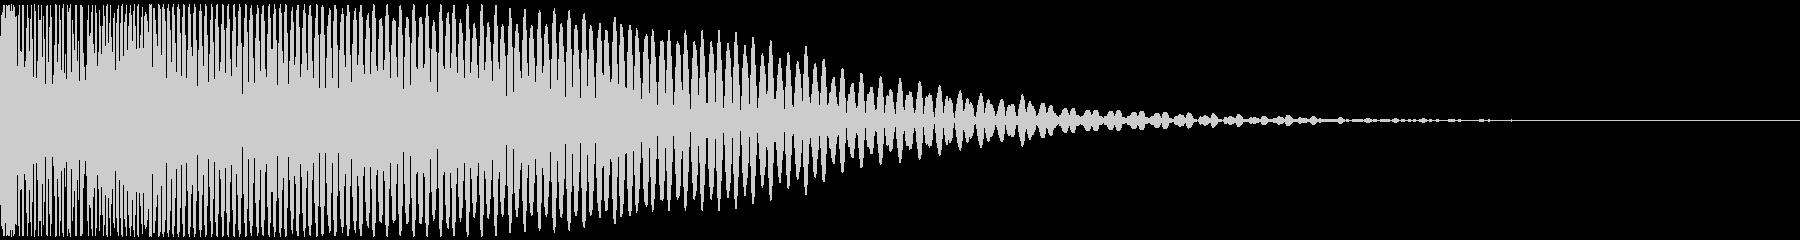 重低音で尾を引くドゥーン サウンドロゴ等の未再生の波形